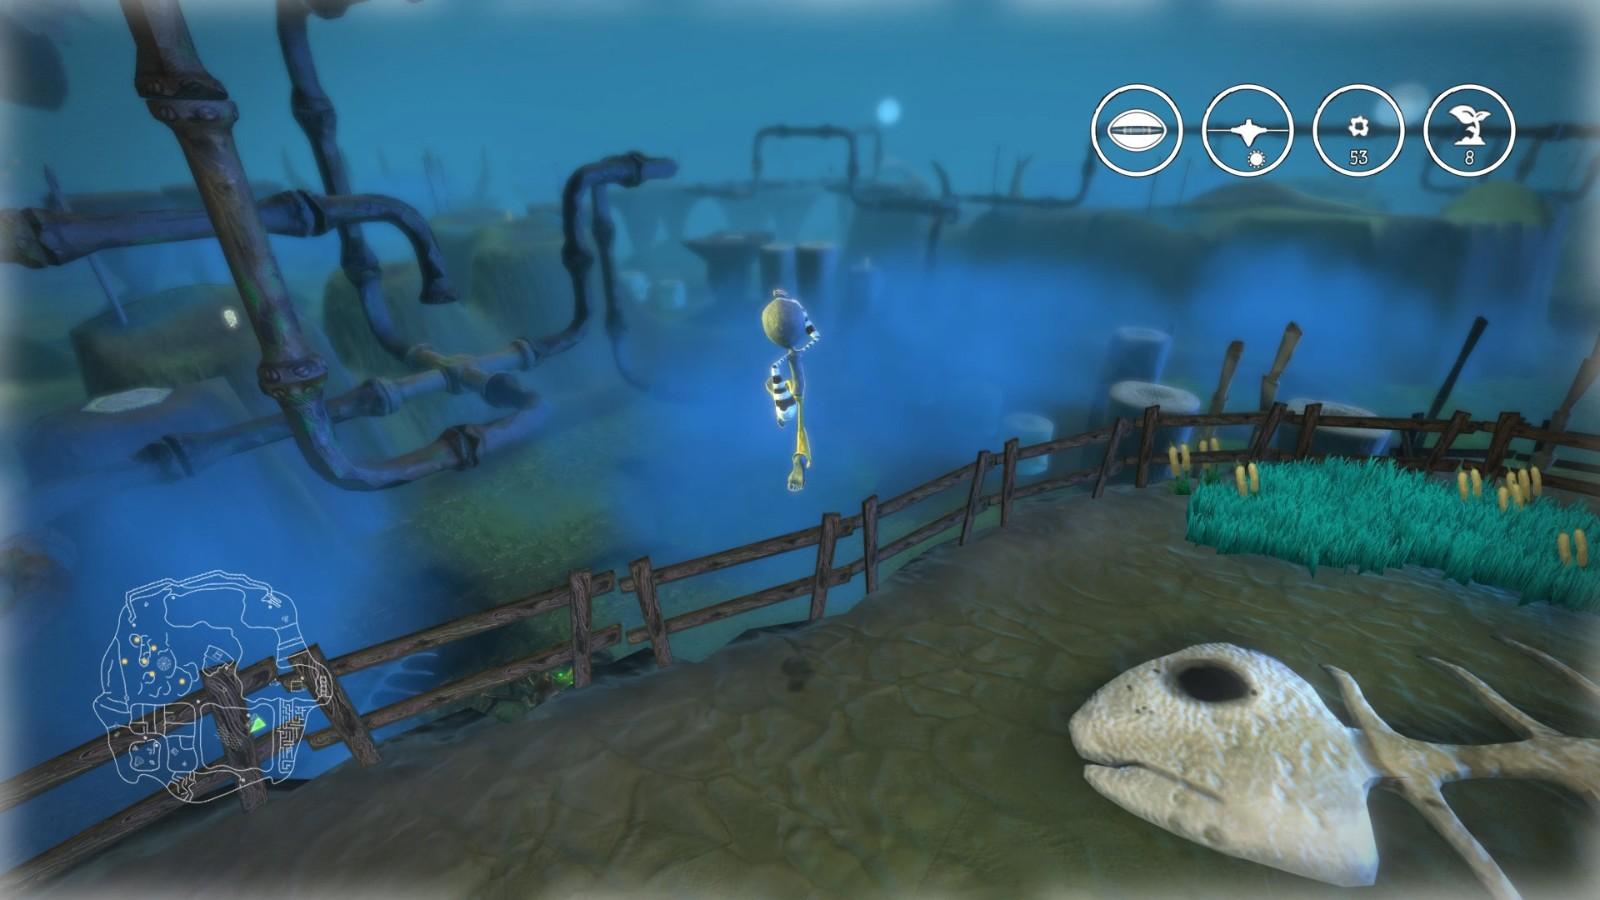 3D平台冒险解谜《Onirike》现已发售 带来独特视听美学